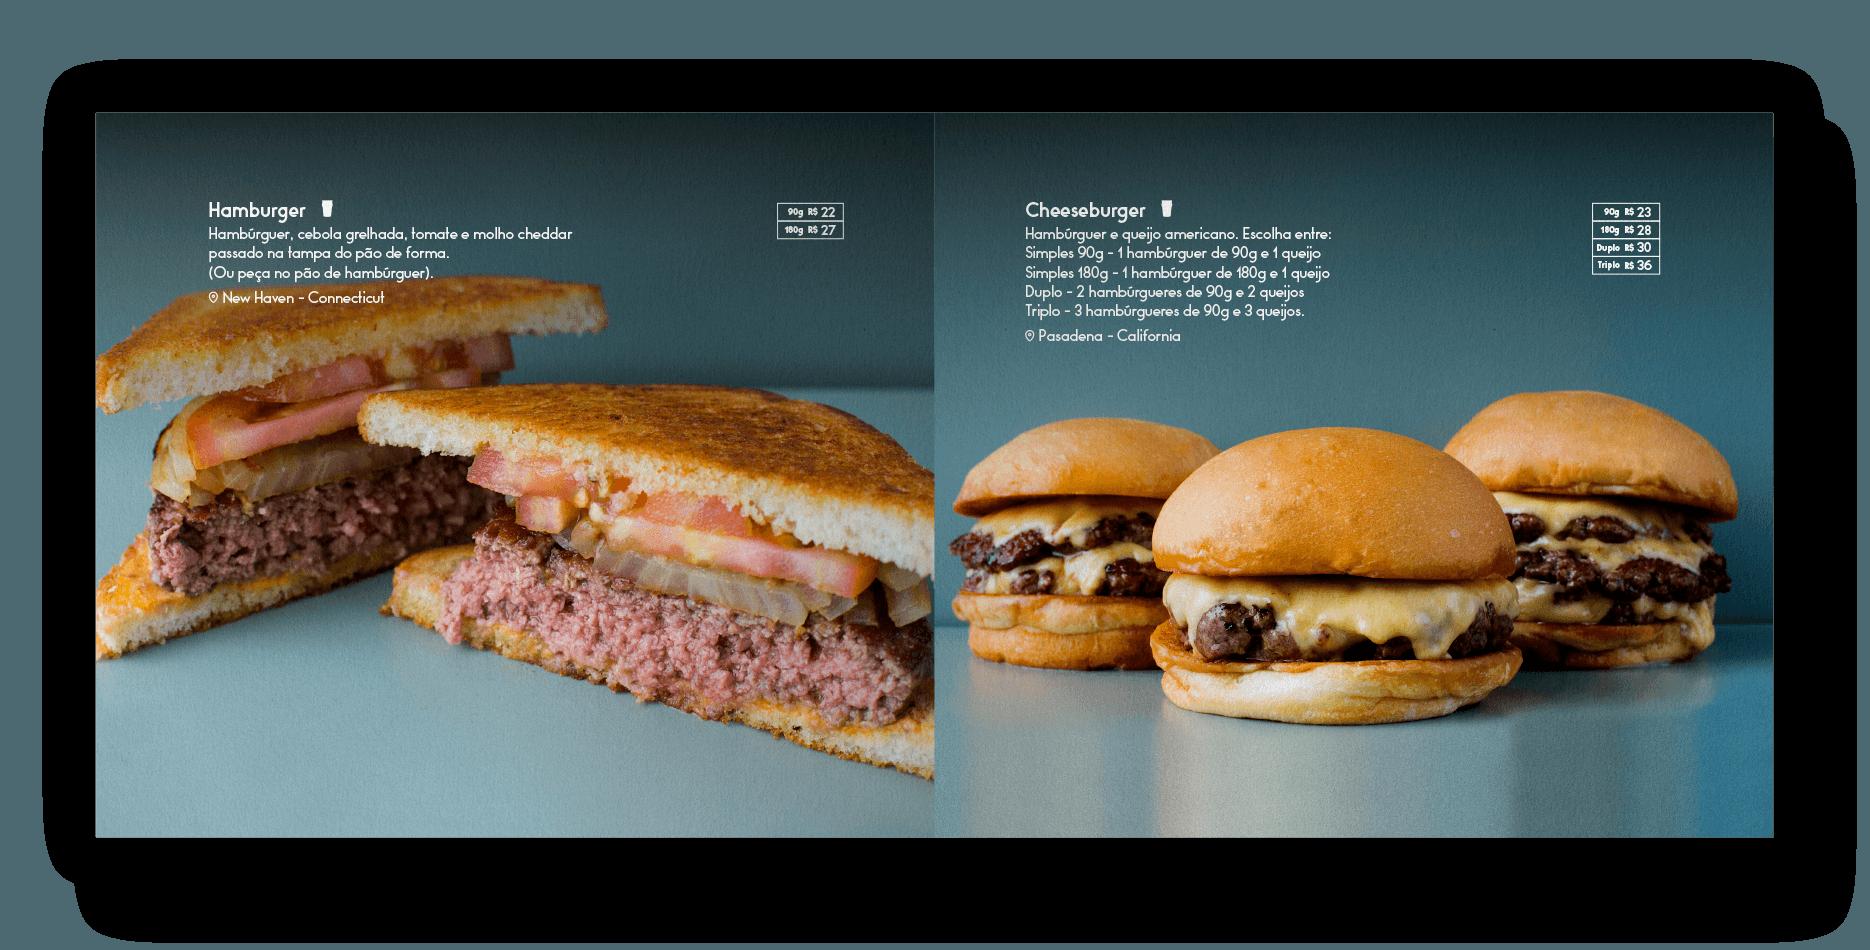 05-theburgermap-visualidentity-cardapio